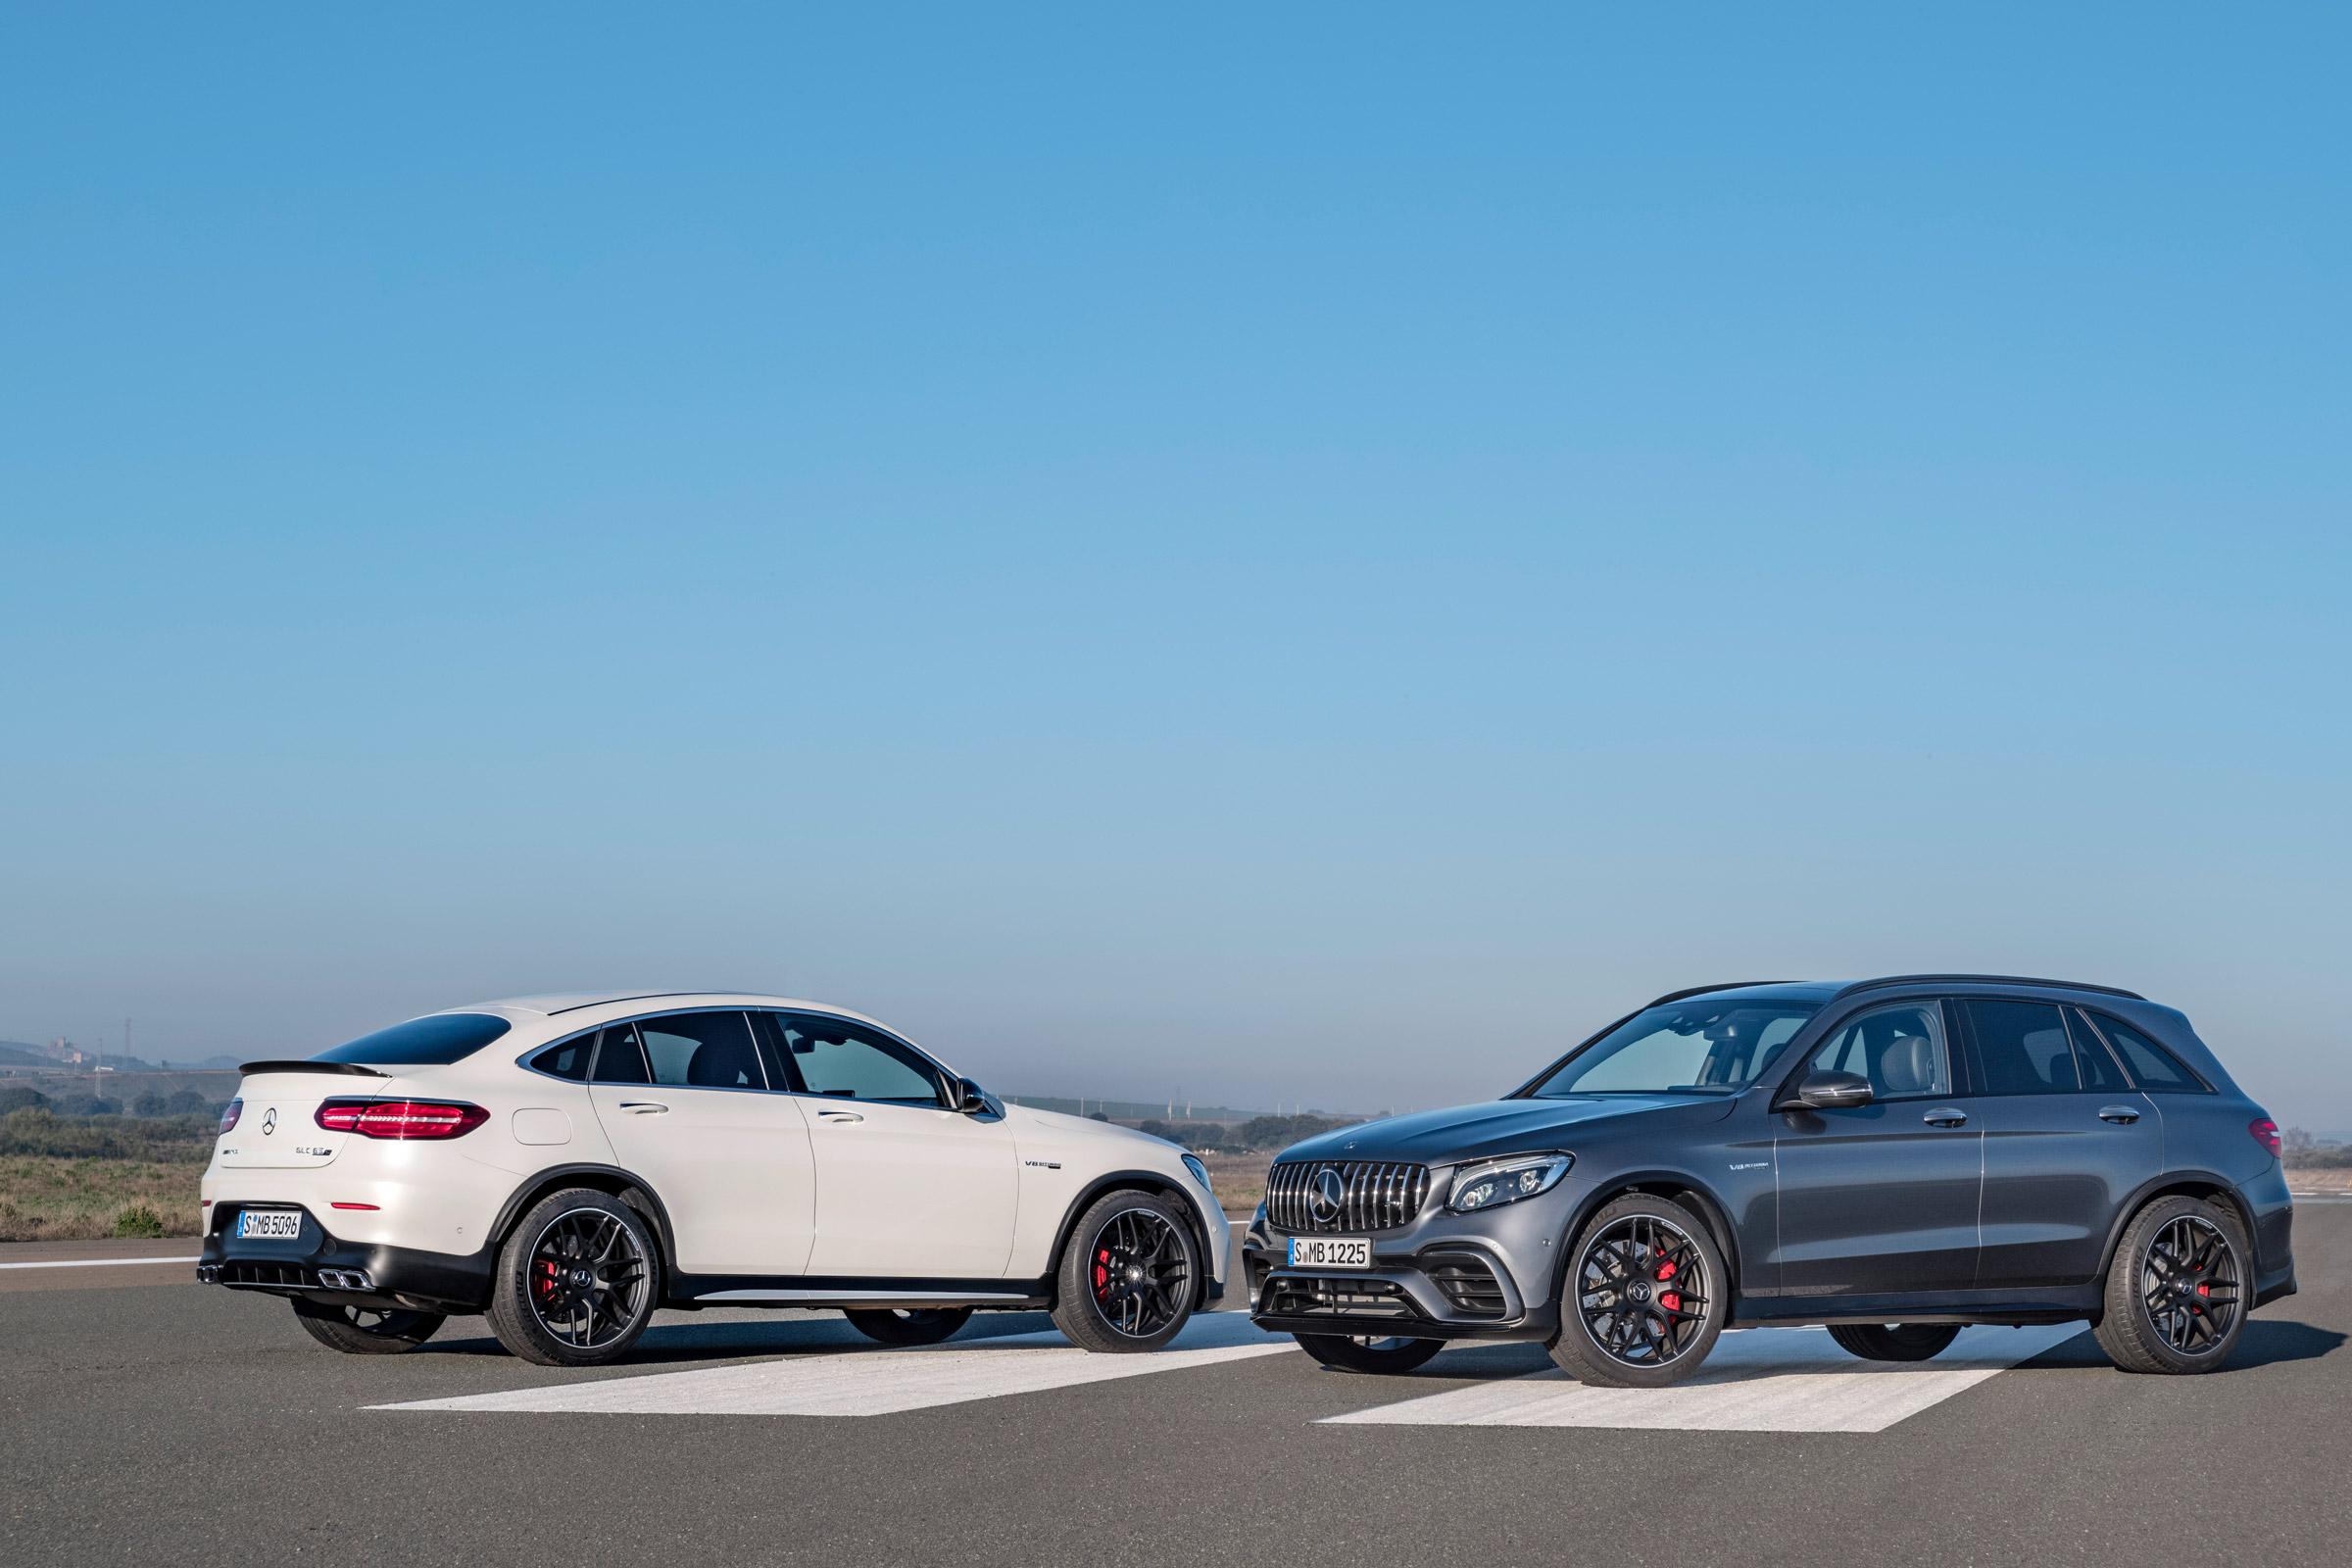 Mercedes-AMG GLC 63 e Coupé